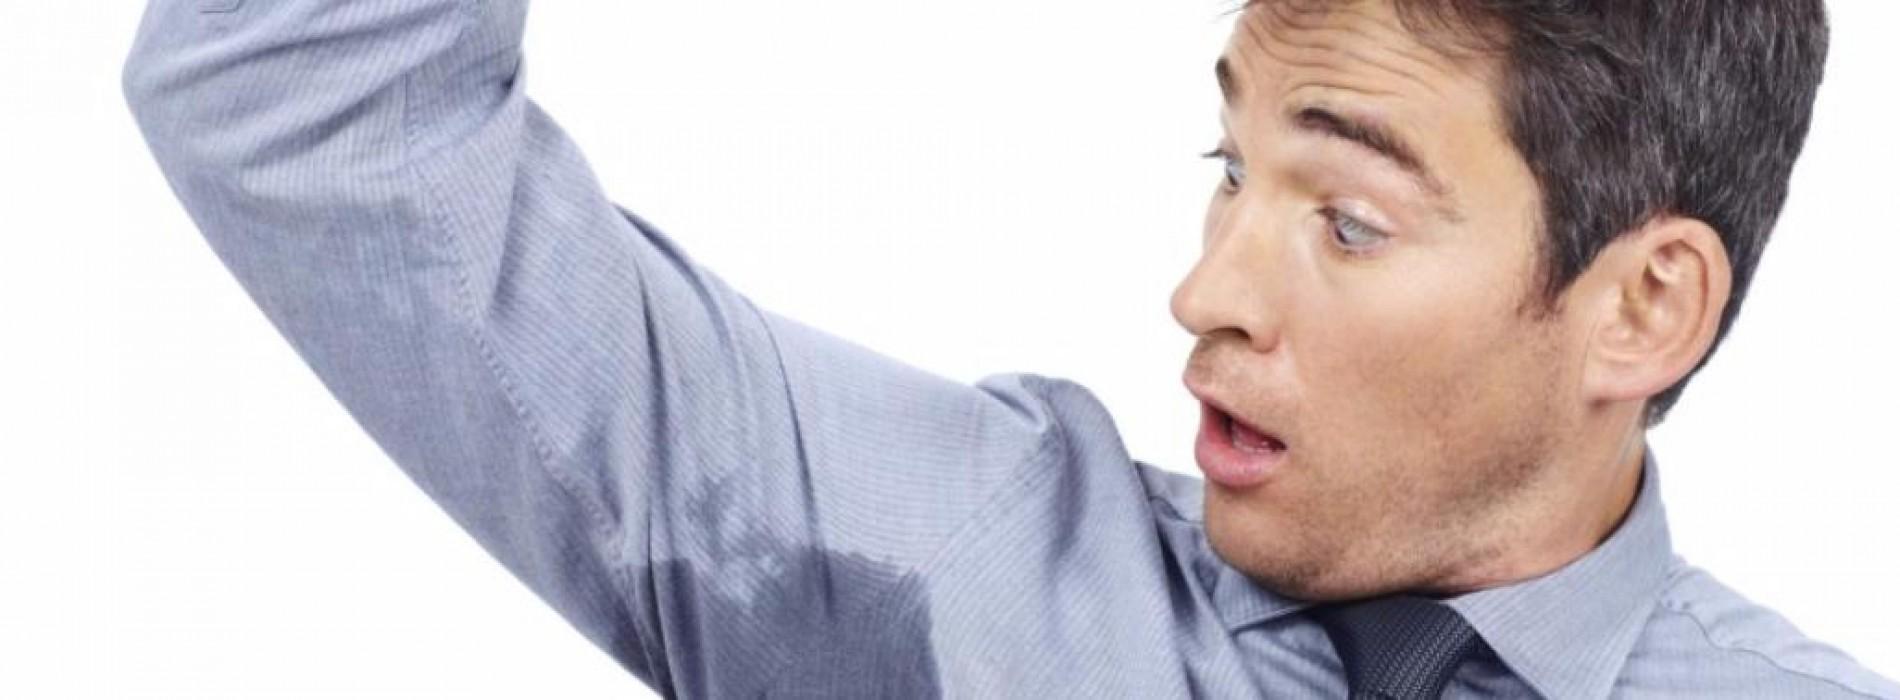 Krijg je okselzweet en okselgeur niet onder controle? Maak zelf deze natuurlijke deodorant!